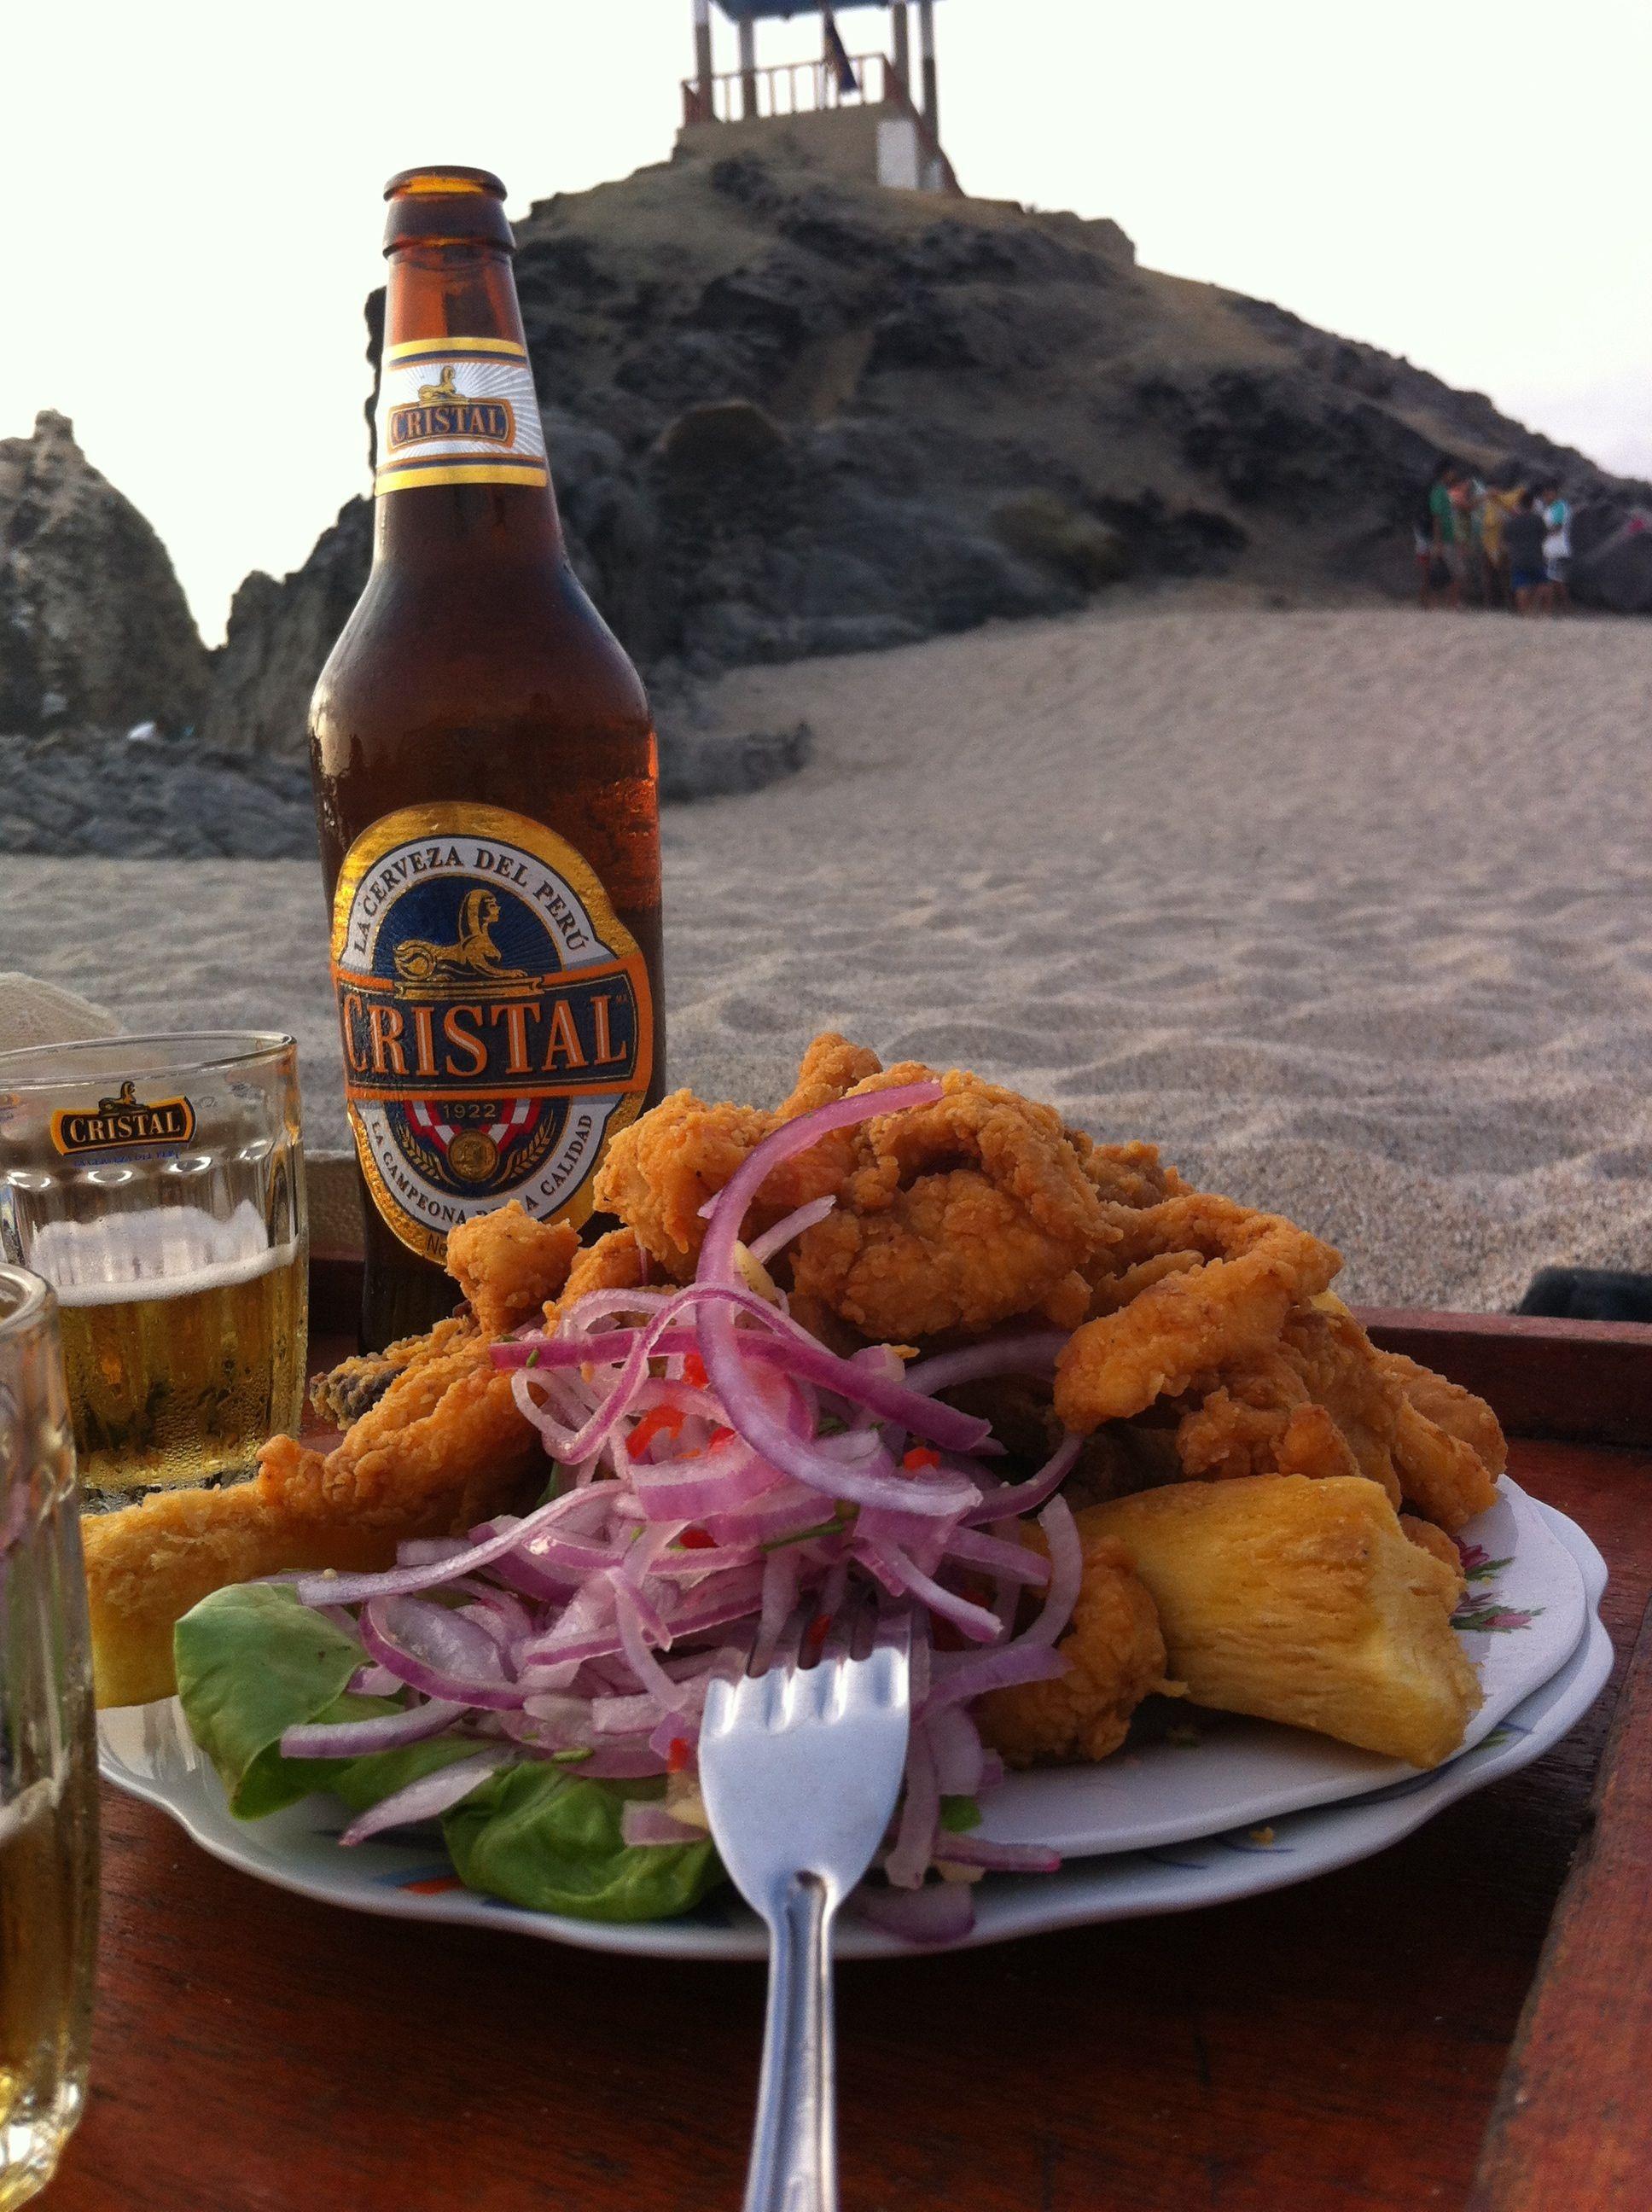 Plato De Jalea De Pescado Con Su Cerveza Cristal Con El Mirador De Punta Negra Al Fondo En La Playa La Peruvian Recipes Traditional Food International Recipes